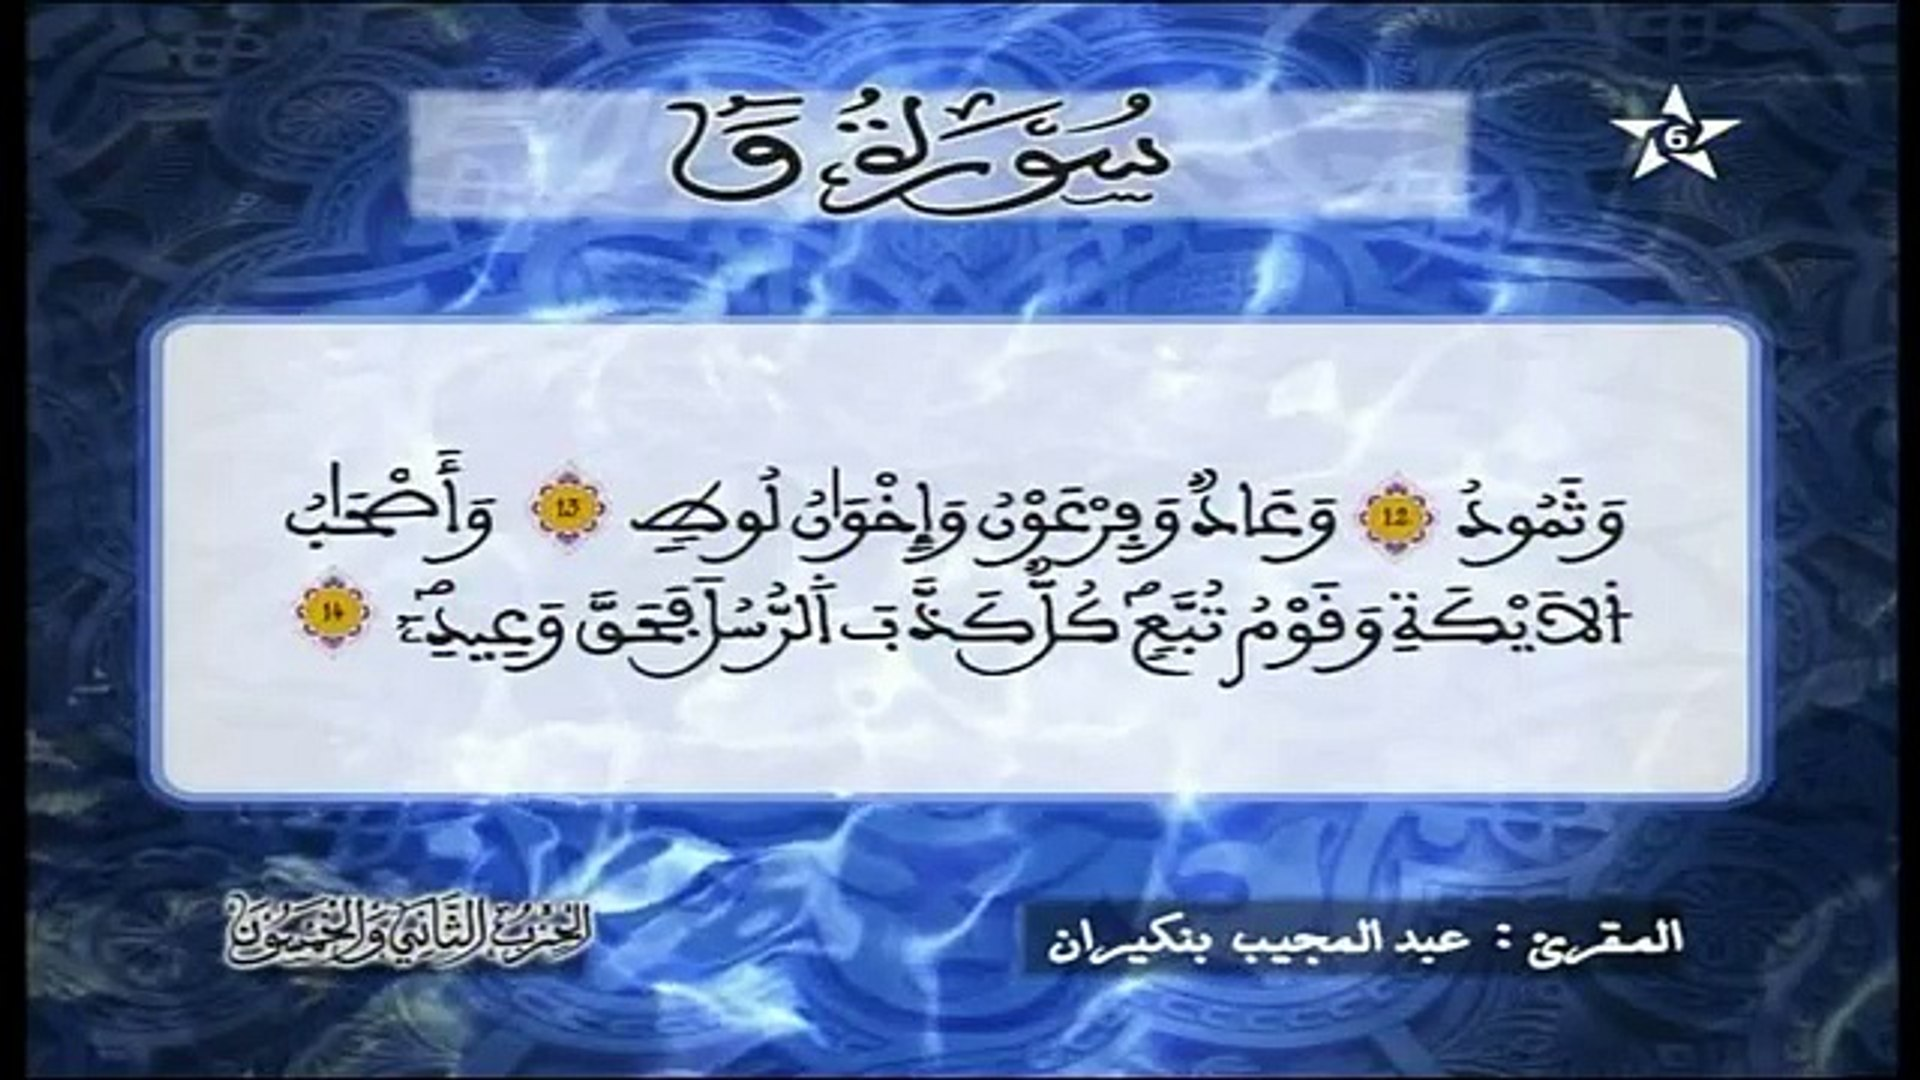 سورة ق برواية ورش - القارئ محمد الطيب حمدان Assadissa TV